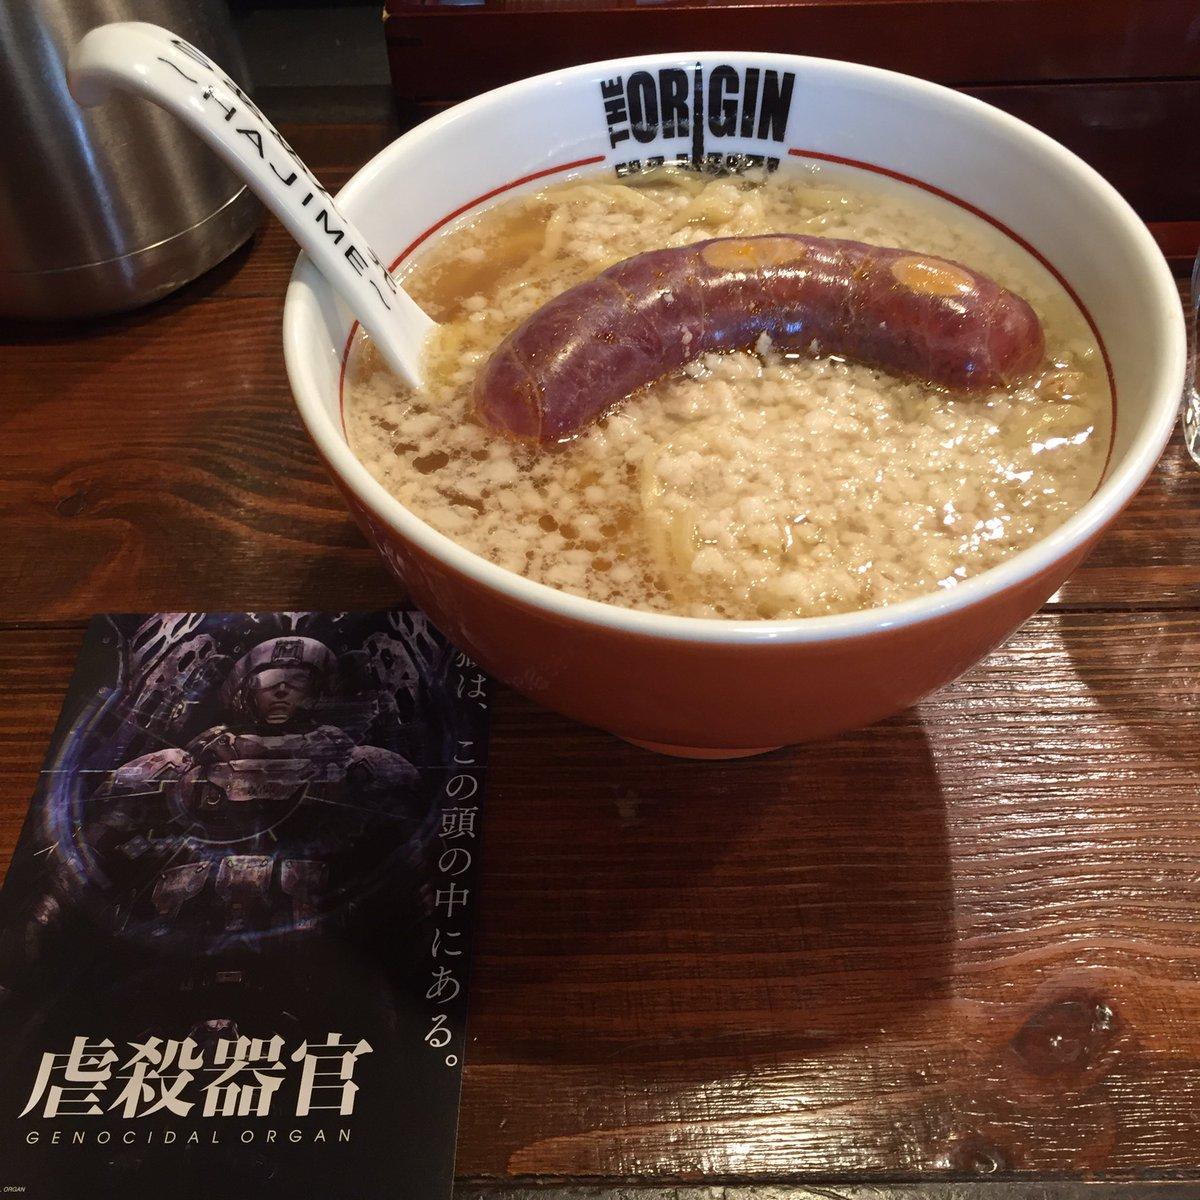 昼にもツイートした映画『虐殺器官』コラボのぎゃくさつラーメン。麺の上に腸詰めが載っていて、最初はさっ…